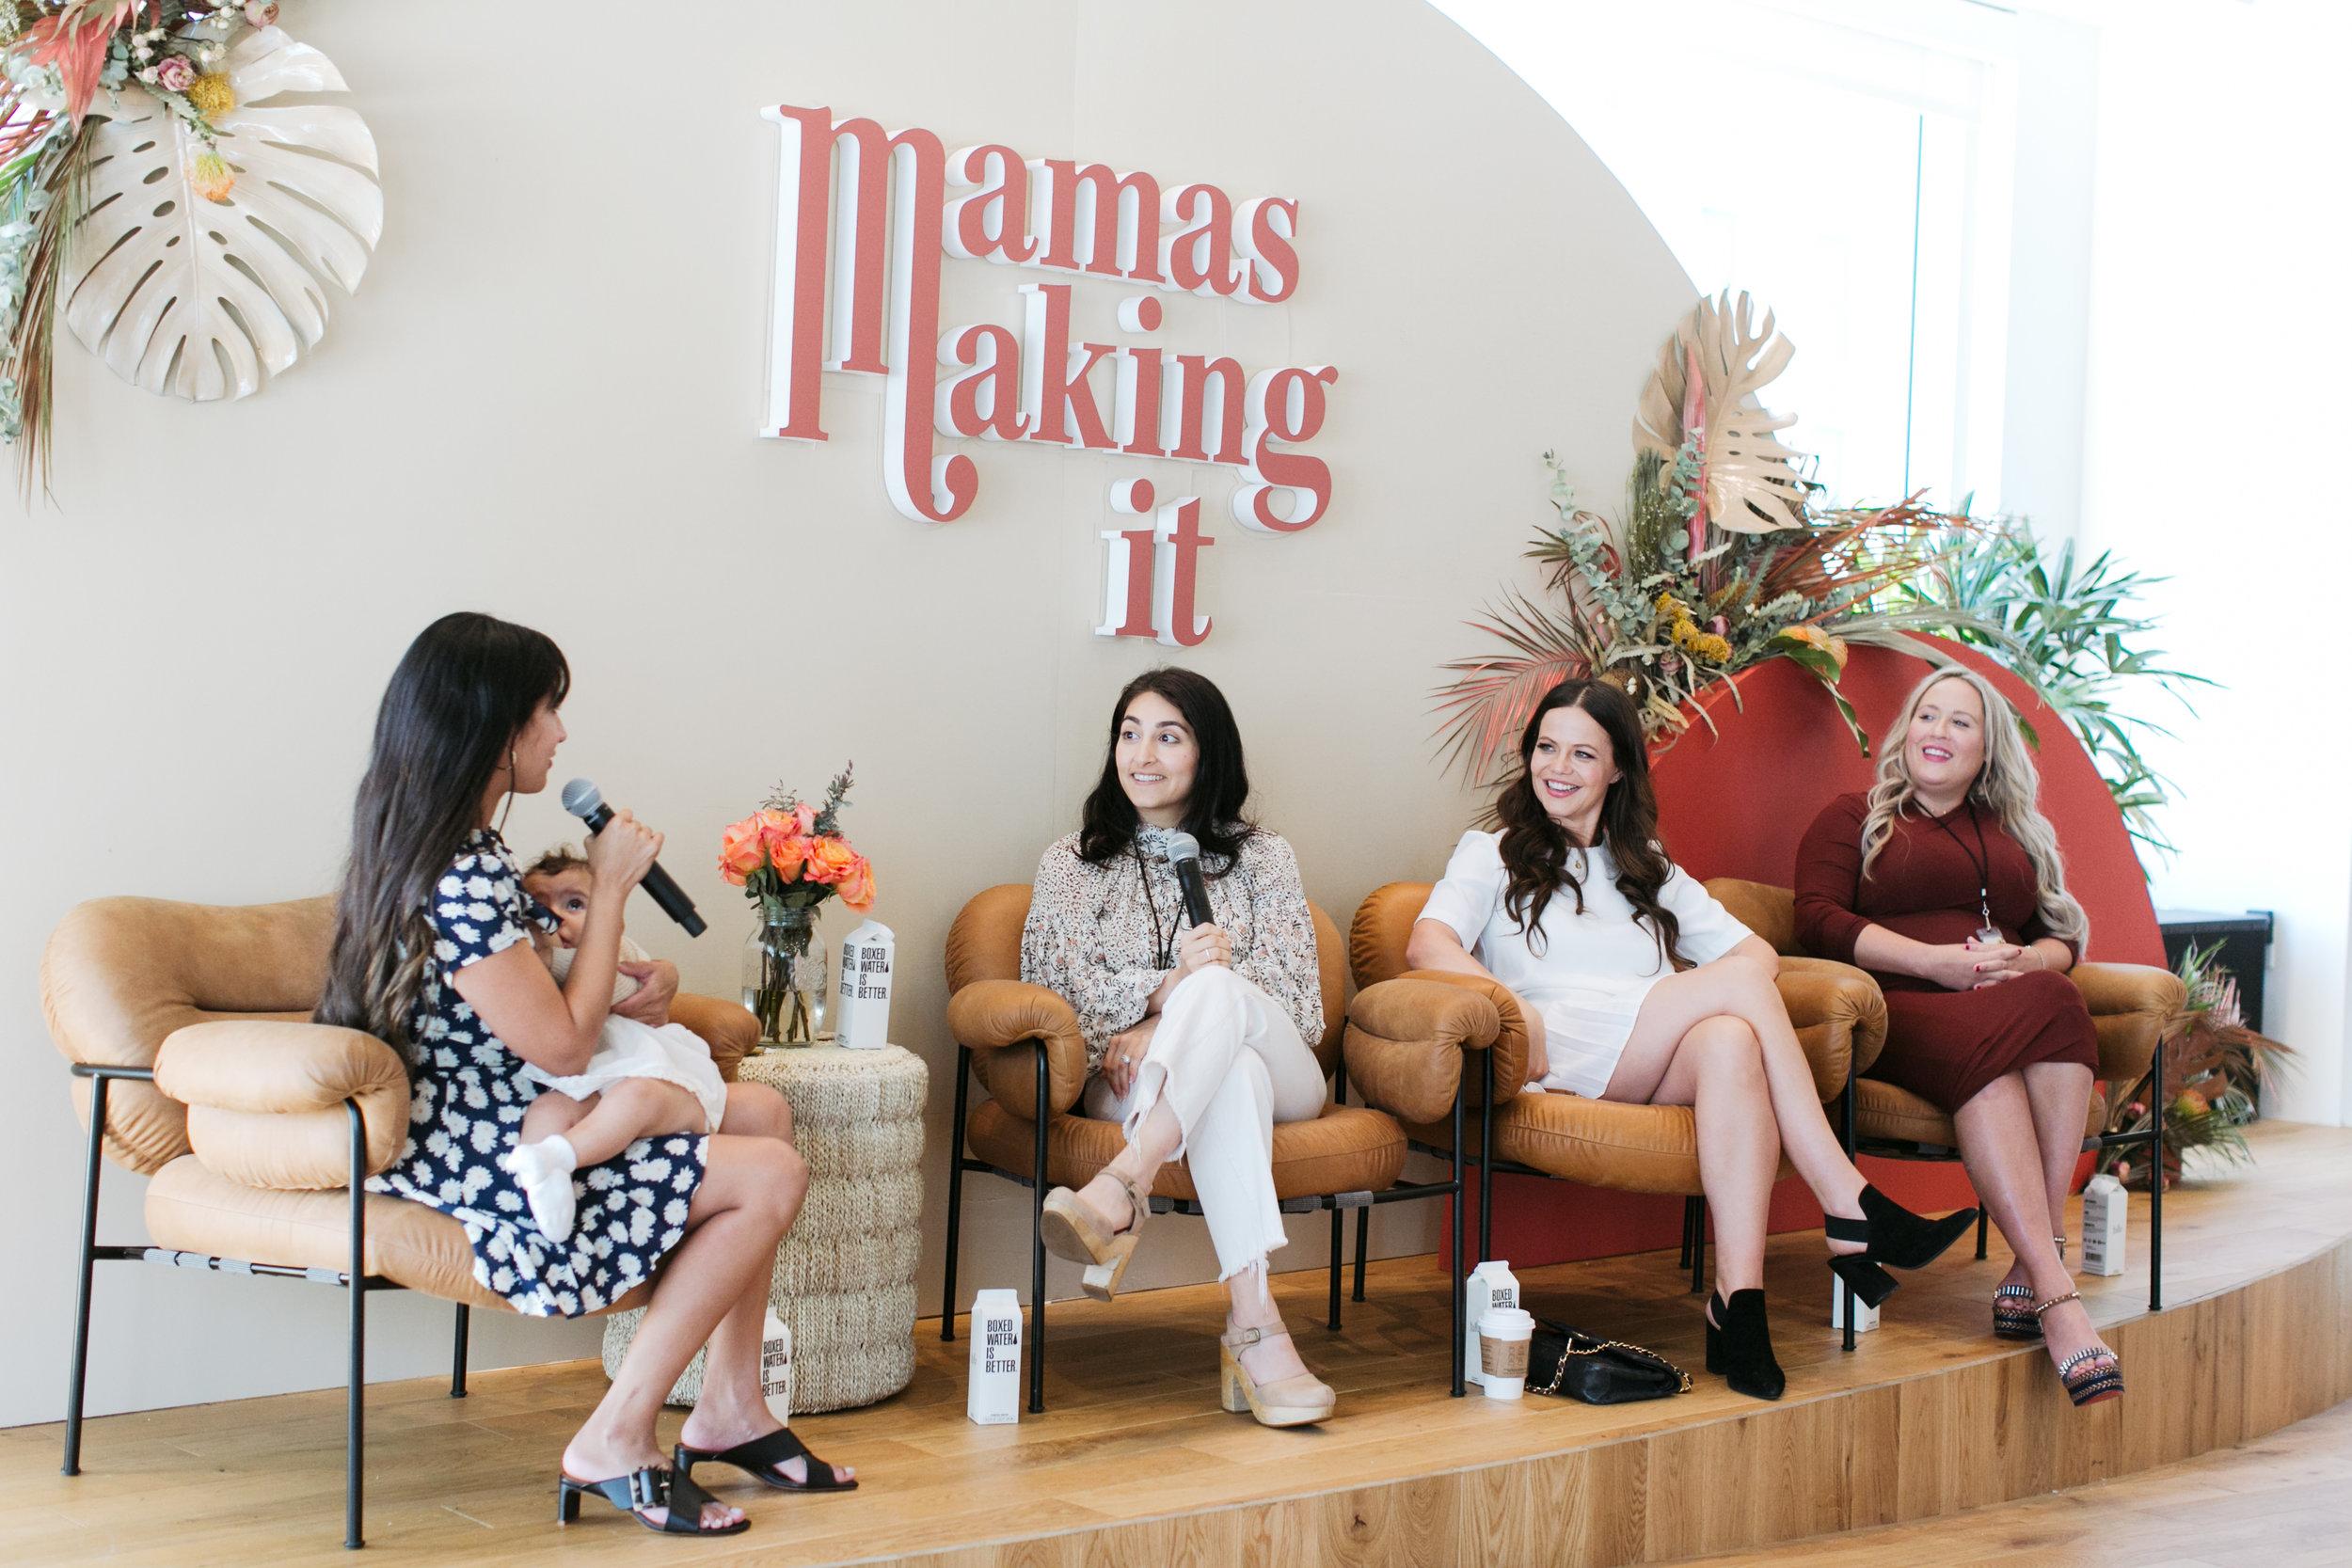 mamasmakingit-331.jpg